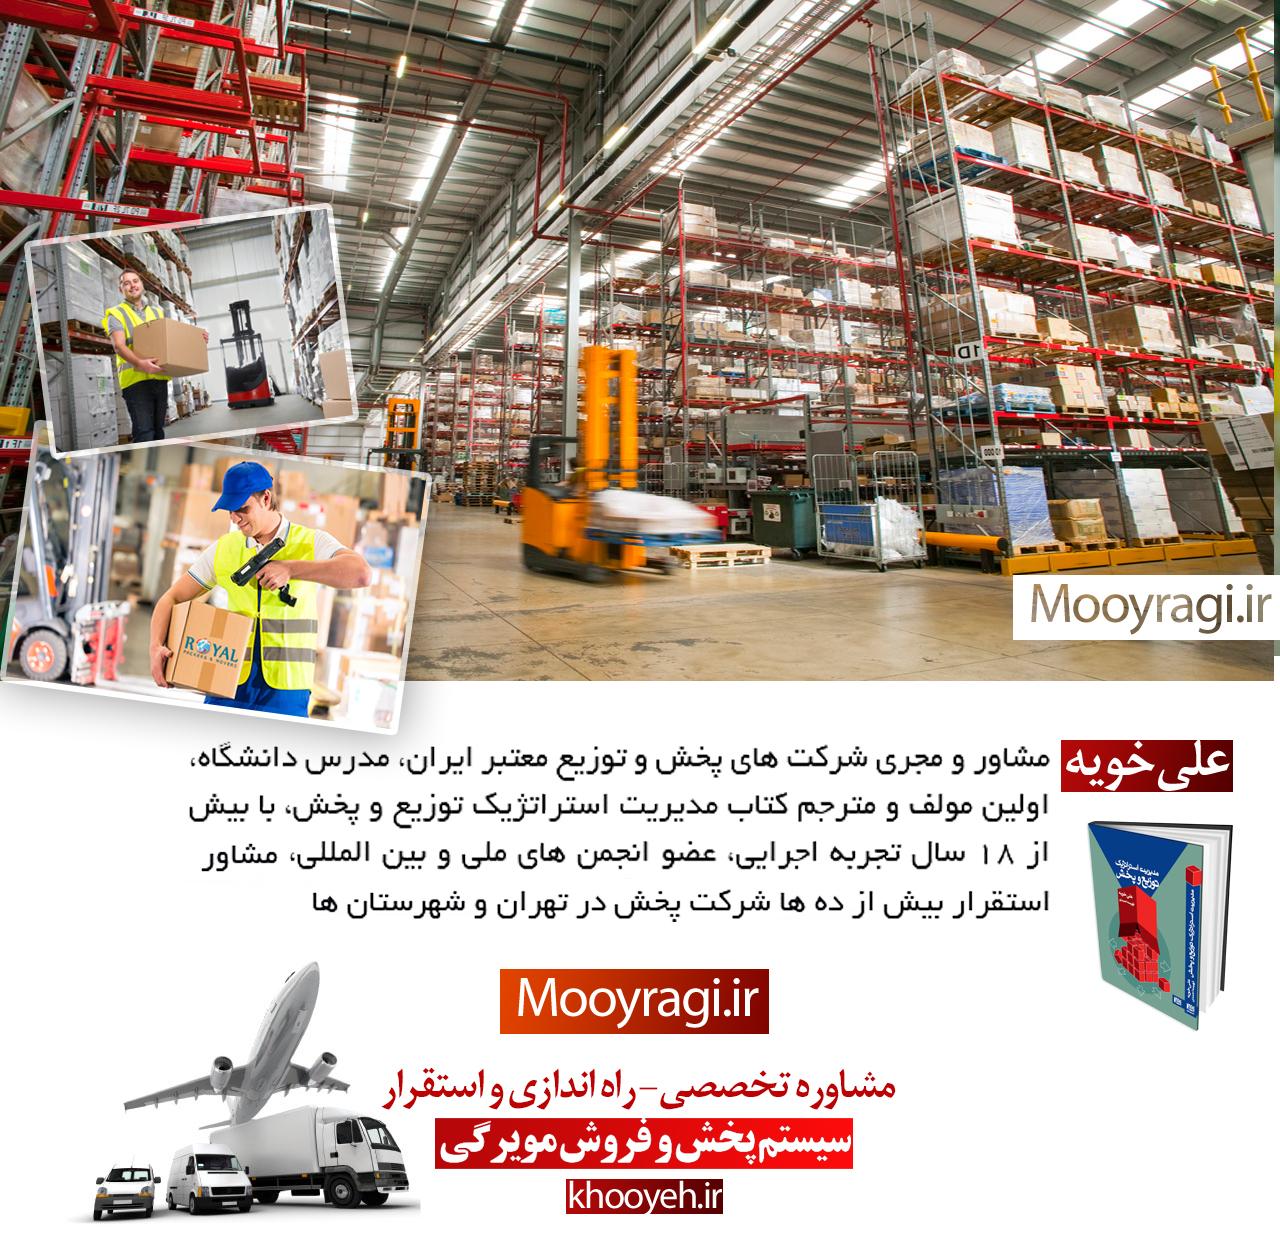 توزیع و پخش مویرگی-شرکت های پخش مدیریت فروش مویرگی، کانال های توزیع و پخش،CRM